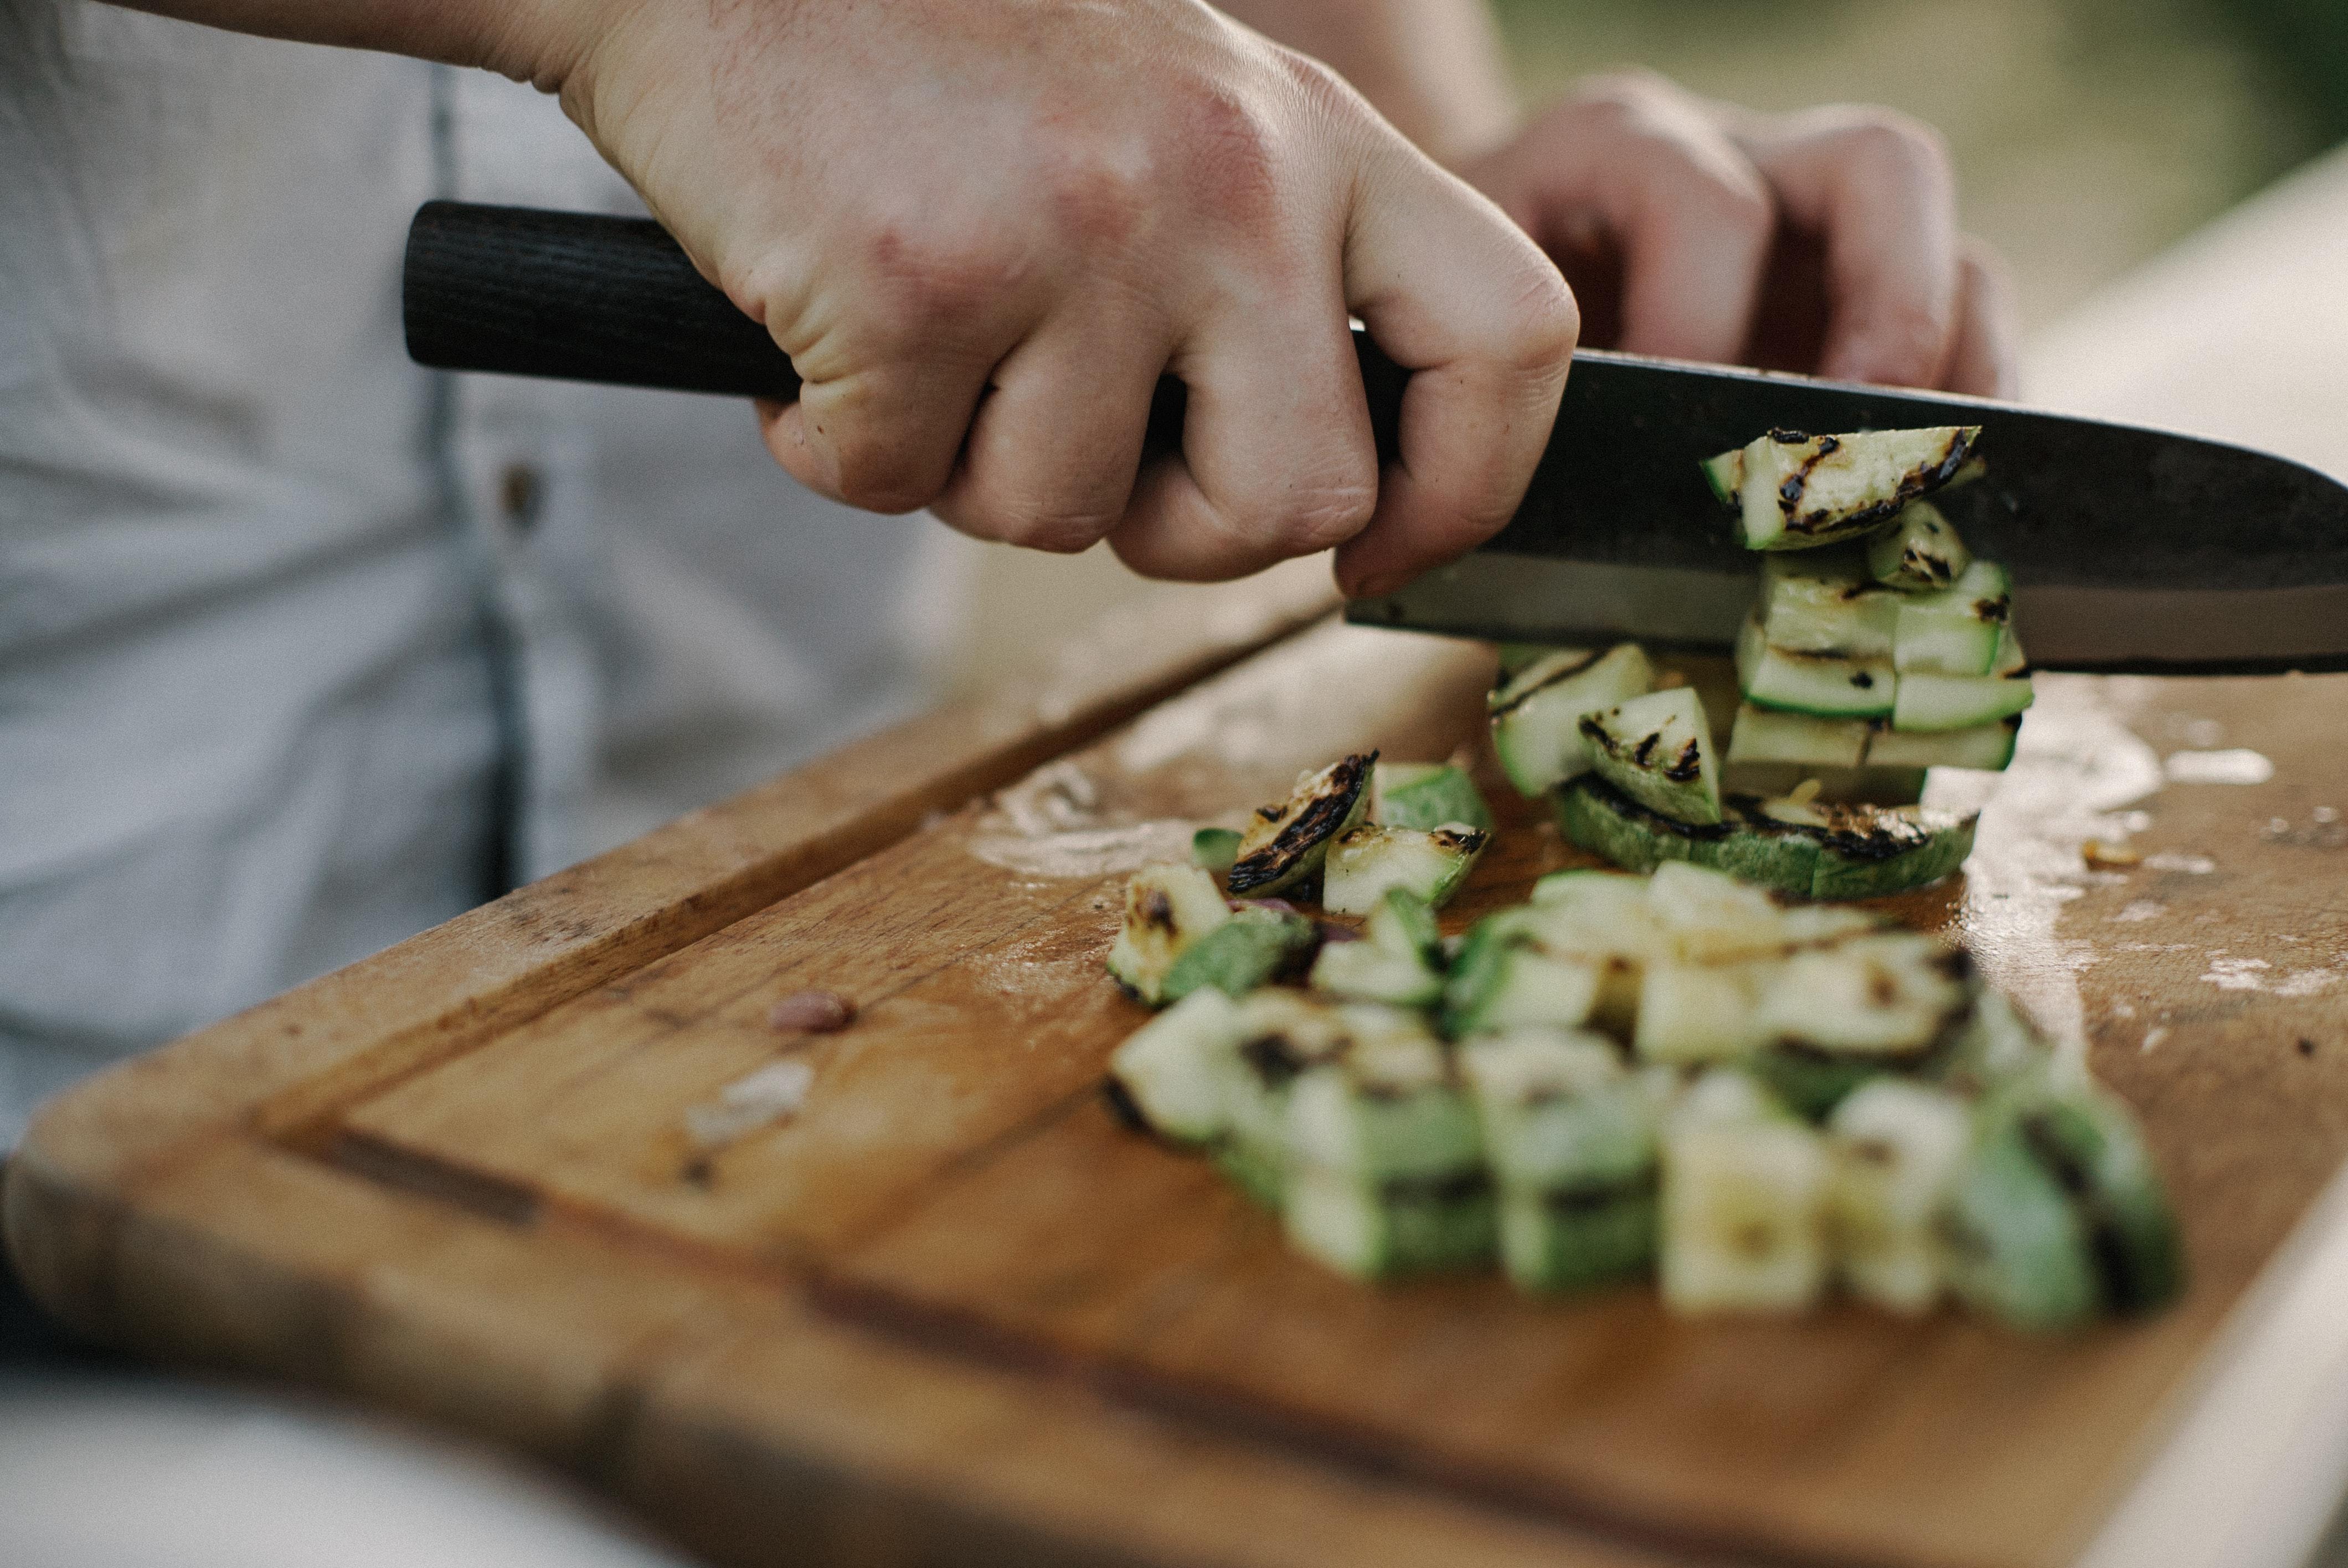 Hands Cutting Zucchini in a Bright Modern Kitchen